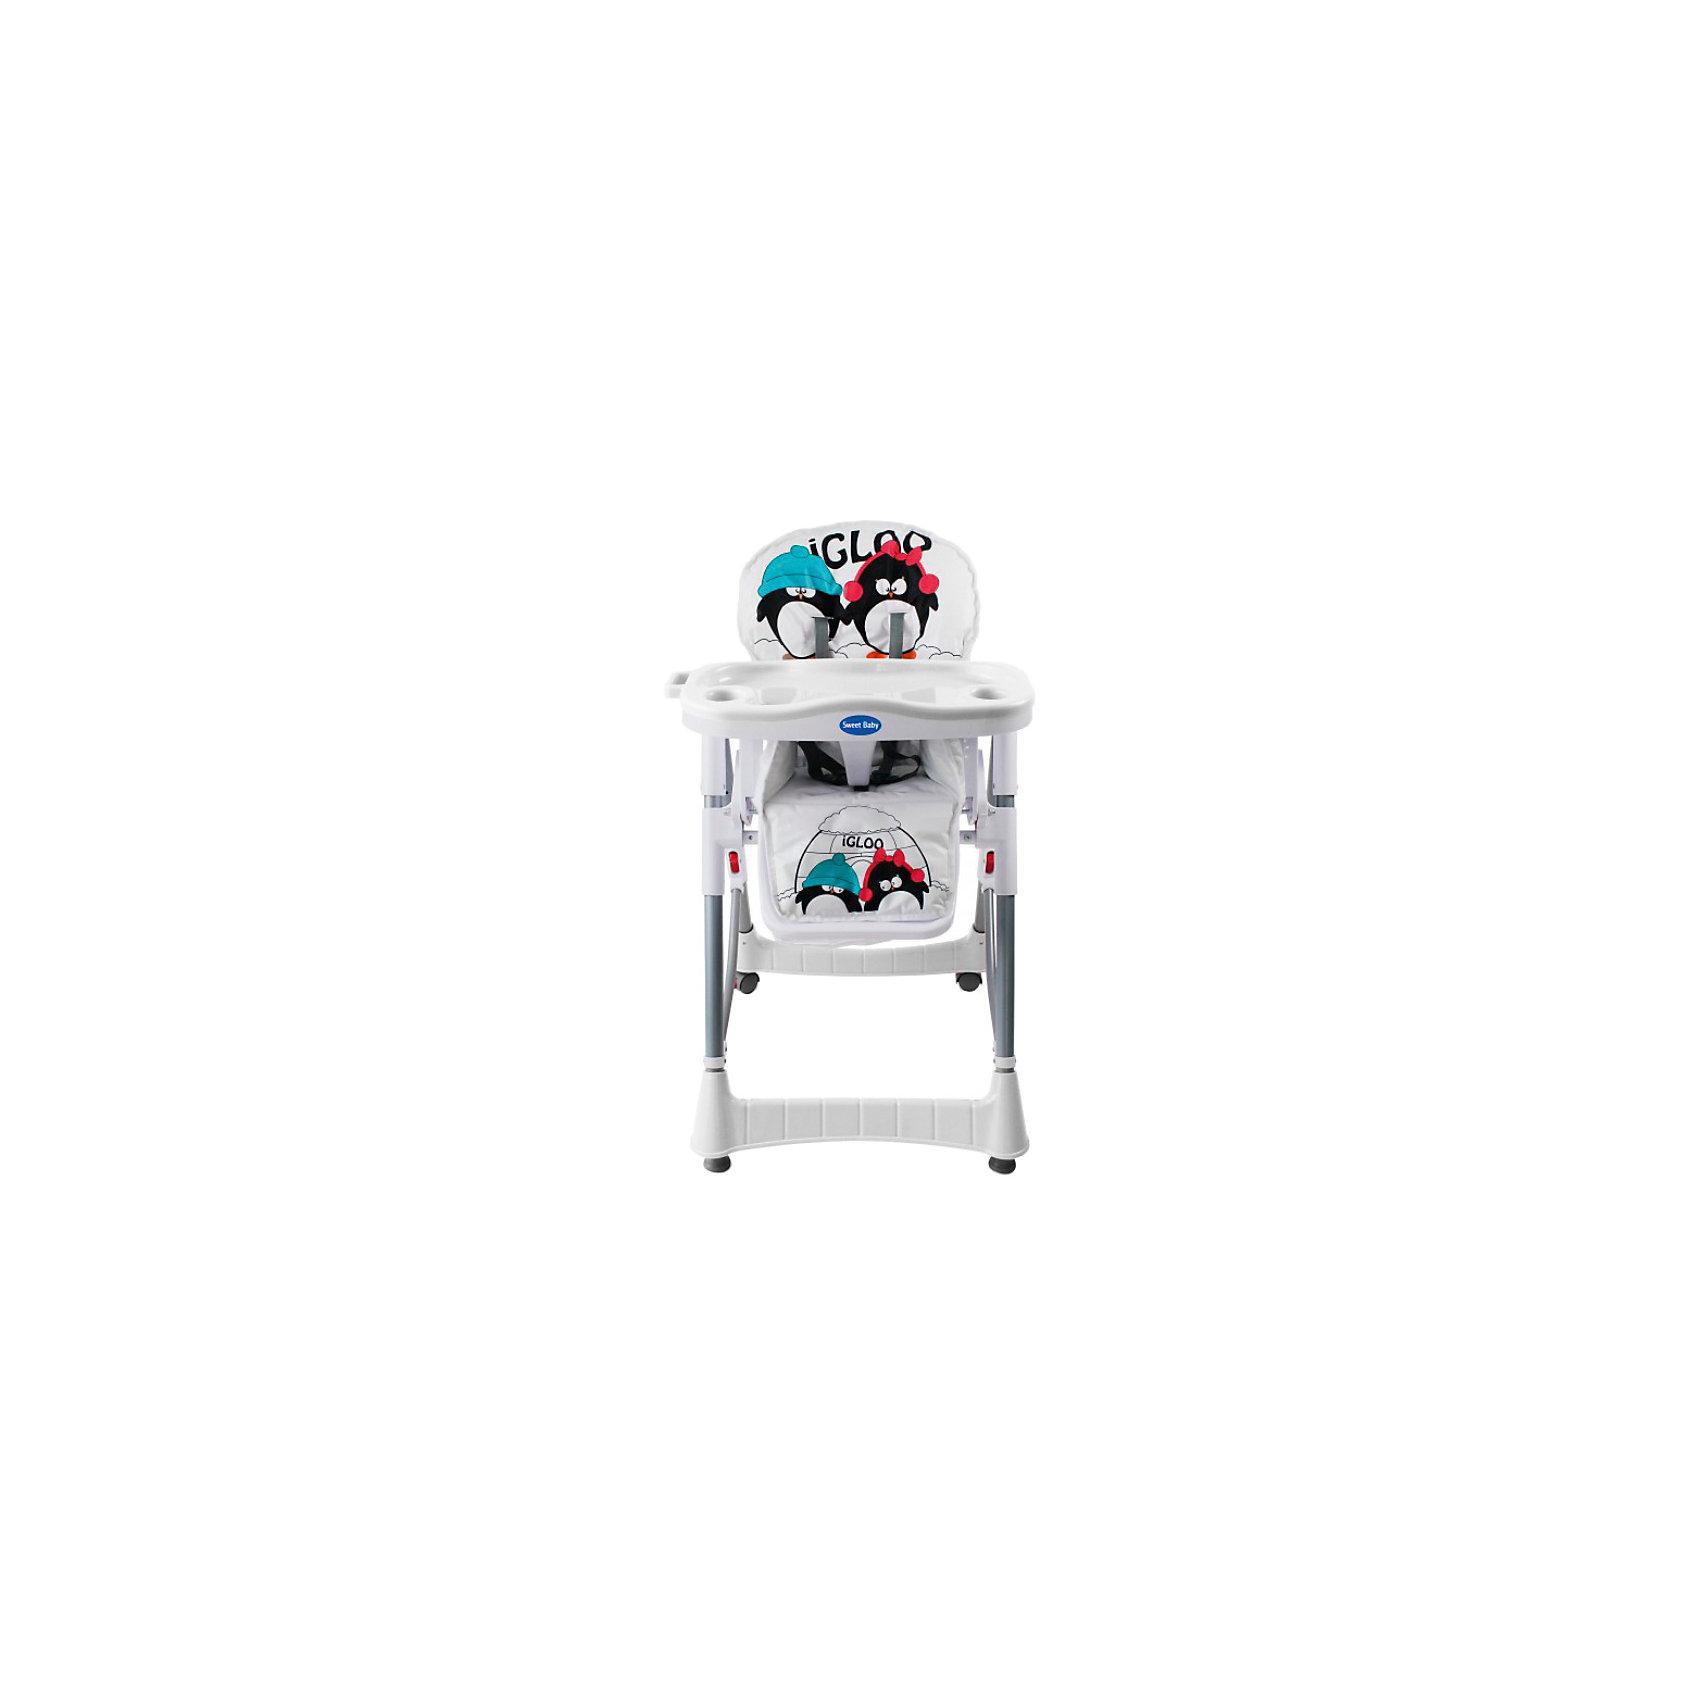 Стульчик для кормления Couple, Sweet Baby, Light LatteСтульчики для кормления<br>Характеристики товара:<br><br>• цвет: Light Latte<br>• для детей от 6 месяцев до 3 лет<br>• устойчивая конструкция<br>• 4 колесика со стопорами<br>• регулировка сиденья по высоте (5 положений)<br>• регулируемая спинка (3 положения)<br>• съемный регулируемый столик с разделителем для ножек<br>• съемный поднос с 2 углублениями для стаканов<br>• 5-точечный ремень безопасности<br>• мягкий чехол<br>• корзина для мелочей<br>• материал: пластик, металл, текстиль<br>• вес: 8,5 кг<br>• размер стульчика: 70х60х106 см<br>• размер упаковки: 70х29х47 см<br><br>Стульчик для кормления Sweet Baby Couple для детей от 6 месяцев. Это практичная и функциональная модель, которую можно настроить индивидуально для каждого ребенка. <br><br>Для обеспечения безопасности малыша, в Couple предусмотрены ремни безопасности, пластиковый разделитель для ножек и высокие боковинки. <br><br>Этот компактный стульчик займет немного места в помещении любого размера. Благодаря небольшим колесикам, его быстро и удобно перемещать. Поднос столика снимается и может мыться в посудомоечной машине, а текстильная накладка устойчива к влаге и загрязнениям. <br><br>Стульчик для кормления Couple, Sweet Baby, Light Latte можно купить в нашем интернет-магазине.<br><br>Ширина мм: 750<br>Глубина мм: 600<br>Высота мм: 1050<br>Вес г: 9500<br>Возраст от месяцев: 0<br>Возраст до месяцев: 36<br>Пол: Унисекс<br>Возраст: Детский<br>SKU: 6680147